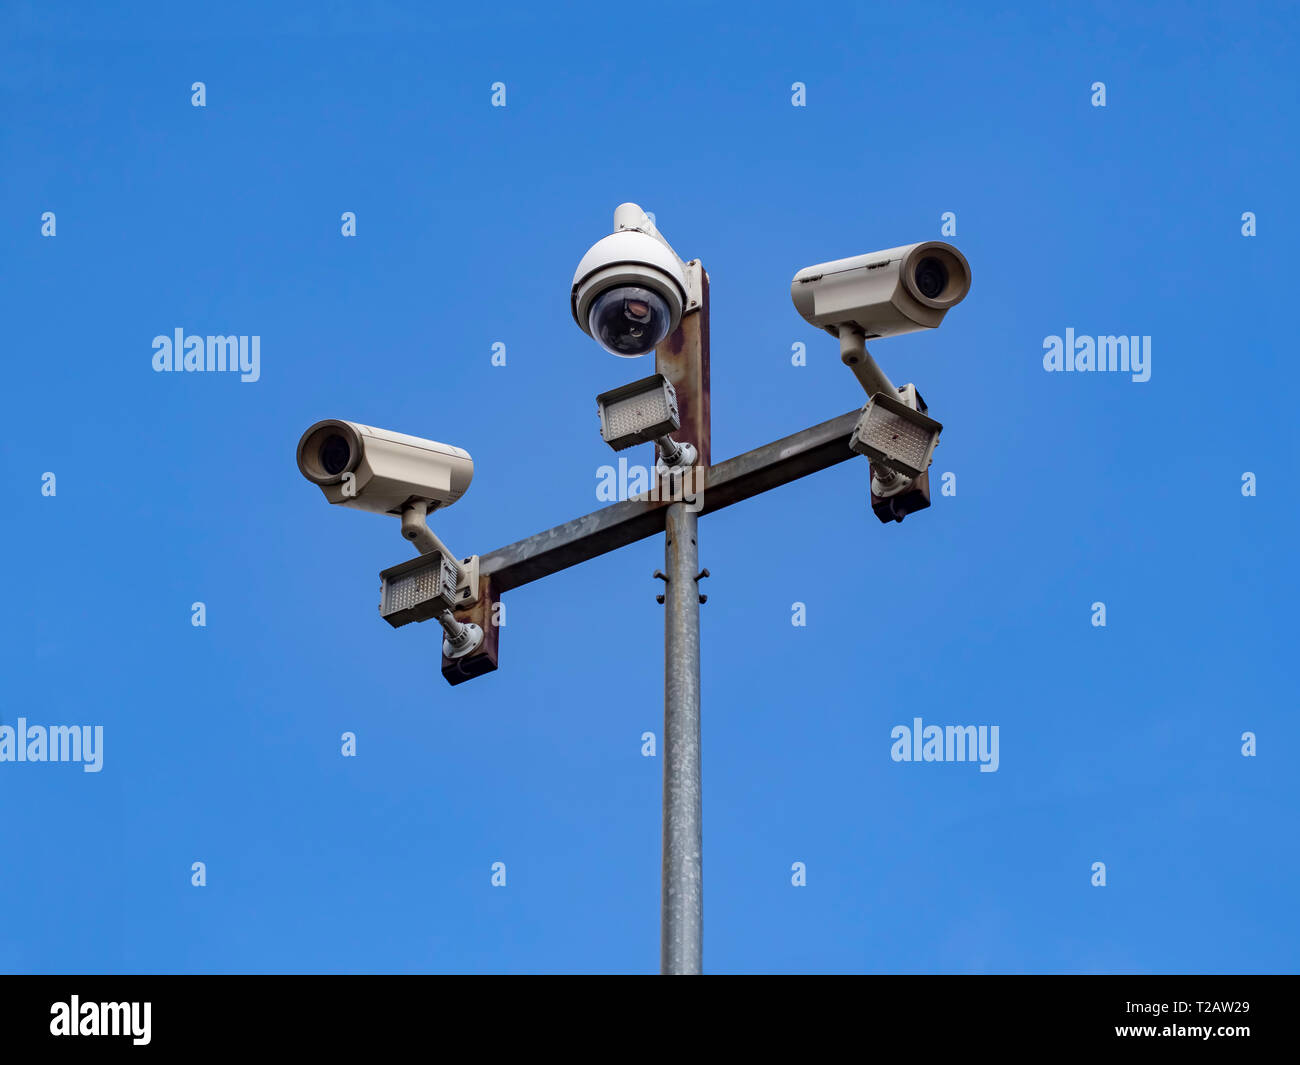 Para garantizar la seguridad pública y la seguridad !.. Estamos siendo observados. El gobierno tiene un sistema secreto, una máquina que espías en cada hora de cada día. Imagen De Stock